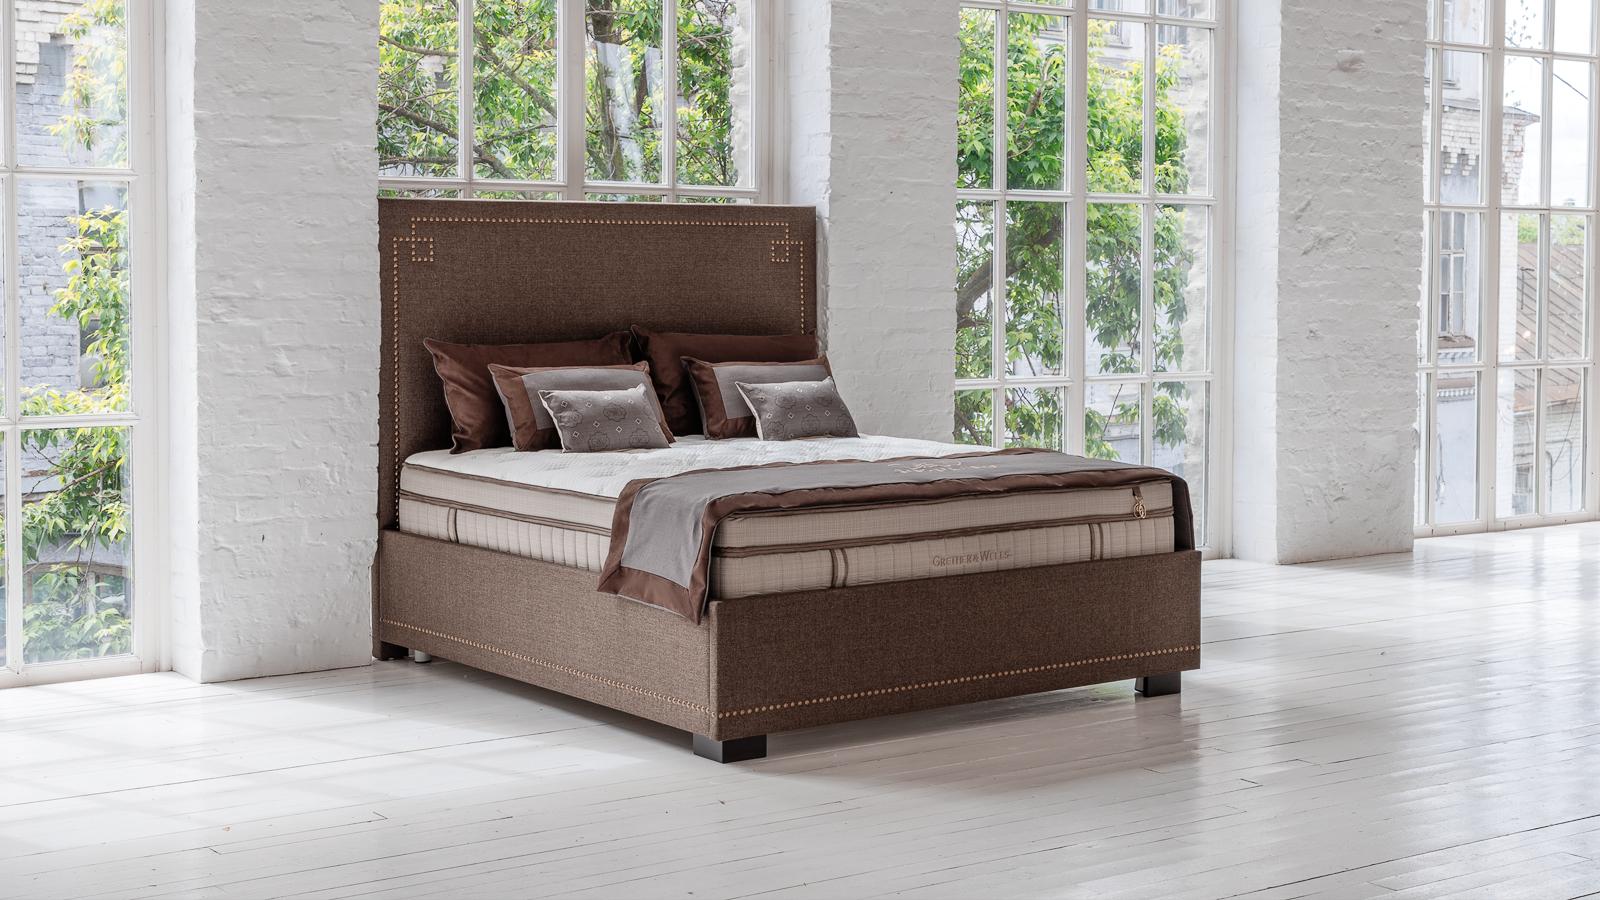 Фото - Кровать с подъемным механизмом Askona Victor кровать с подъемным механизмом askona milana